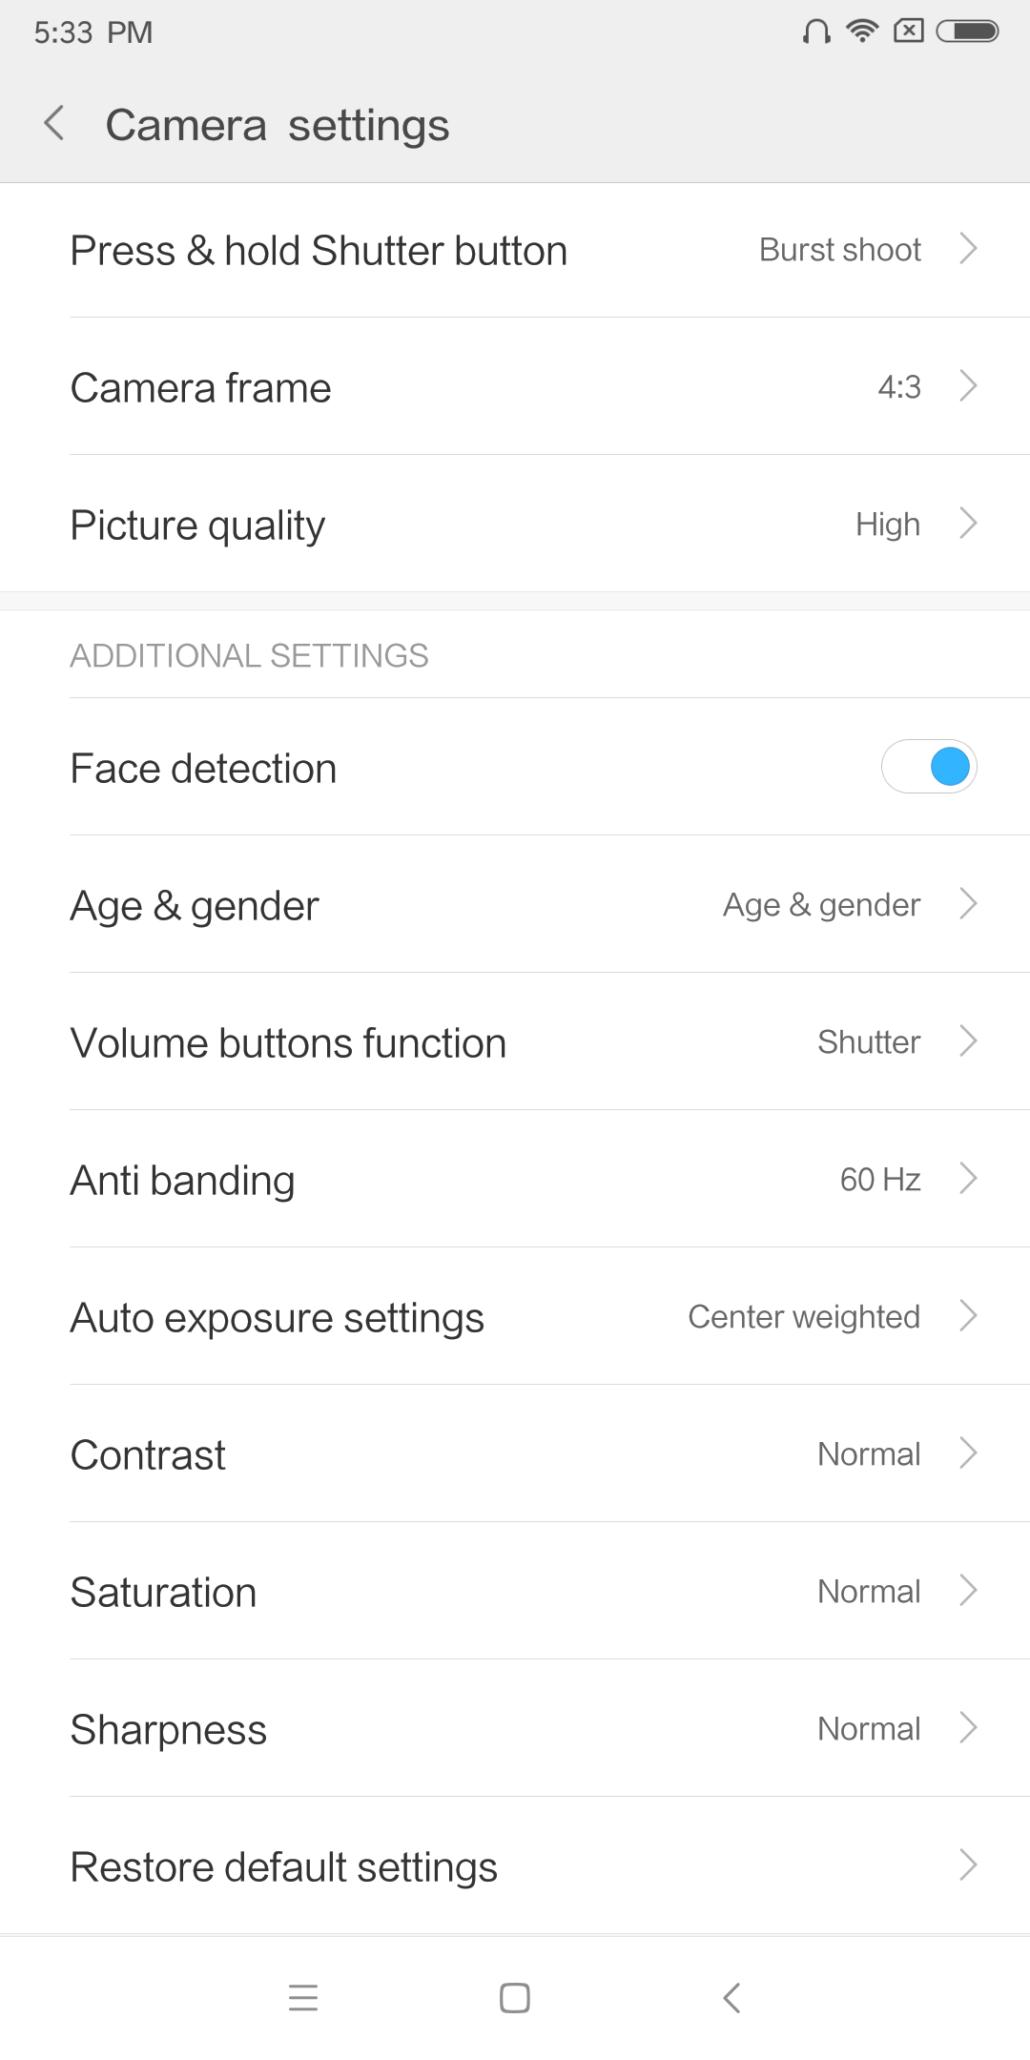 screenshot_2018-01-30-17-33-13-123_com-android-camera